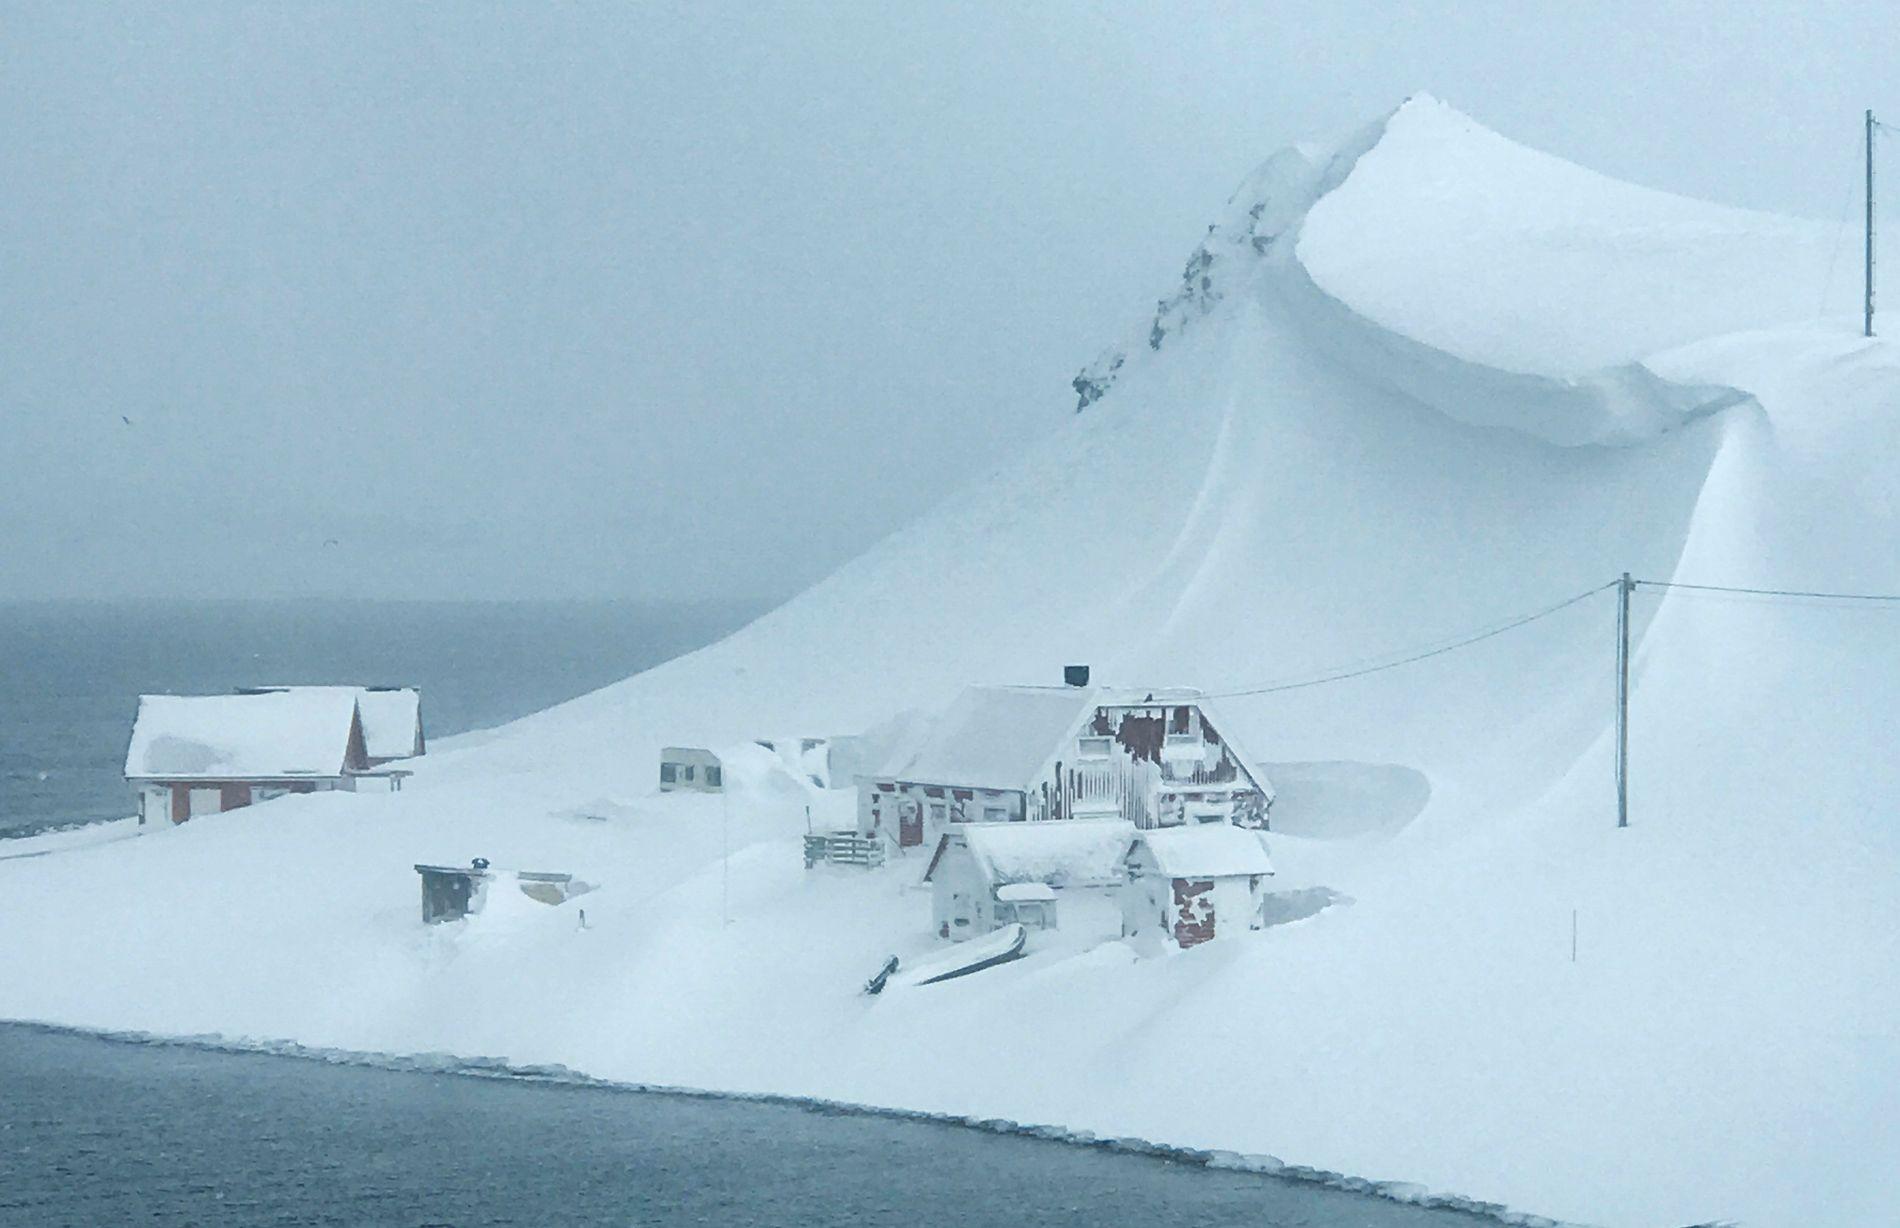 STOR FARE: En stor snøskavl henger over en hytte i Sarnes utenfor Honningsvåg. Snøskredfaren betegnes som stor i store deler av Finnmark. Bildet er tatt tidligere denne uken  Foto: Camilla Daae-Qvale / NTB scanpix